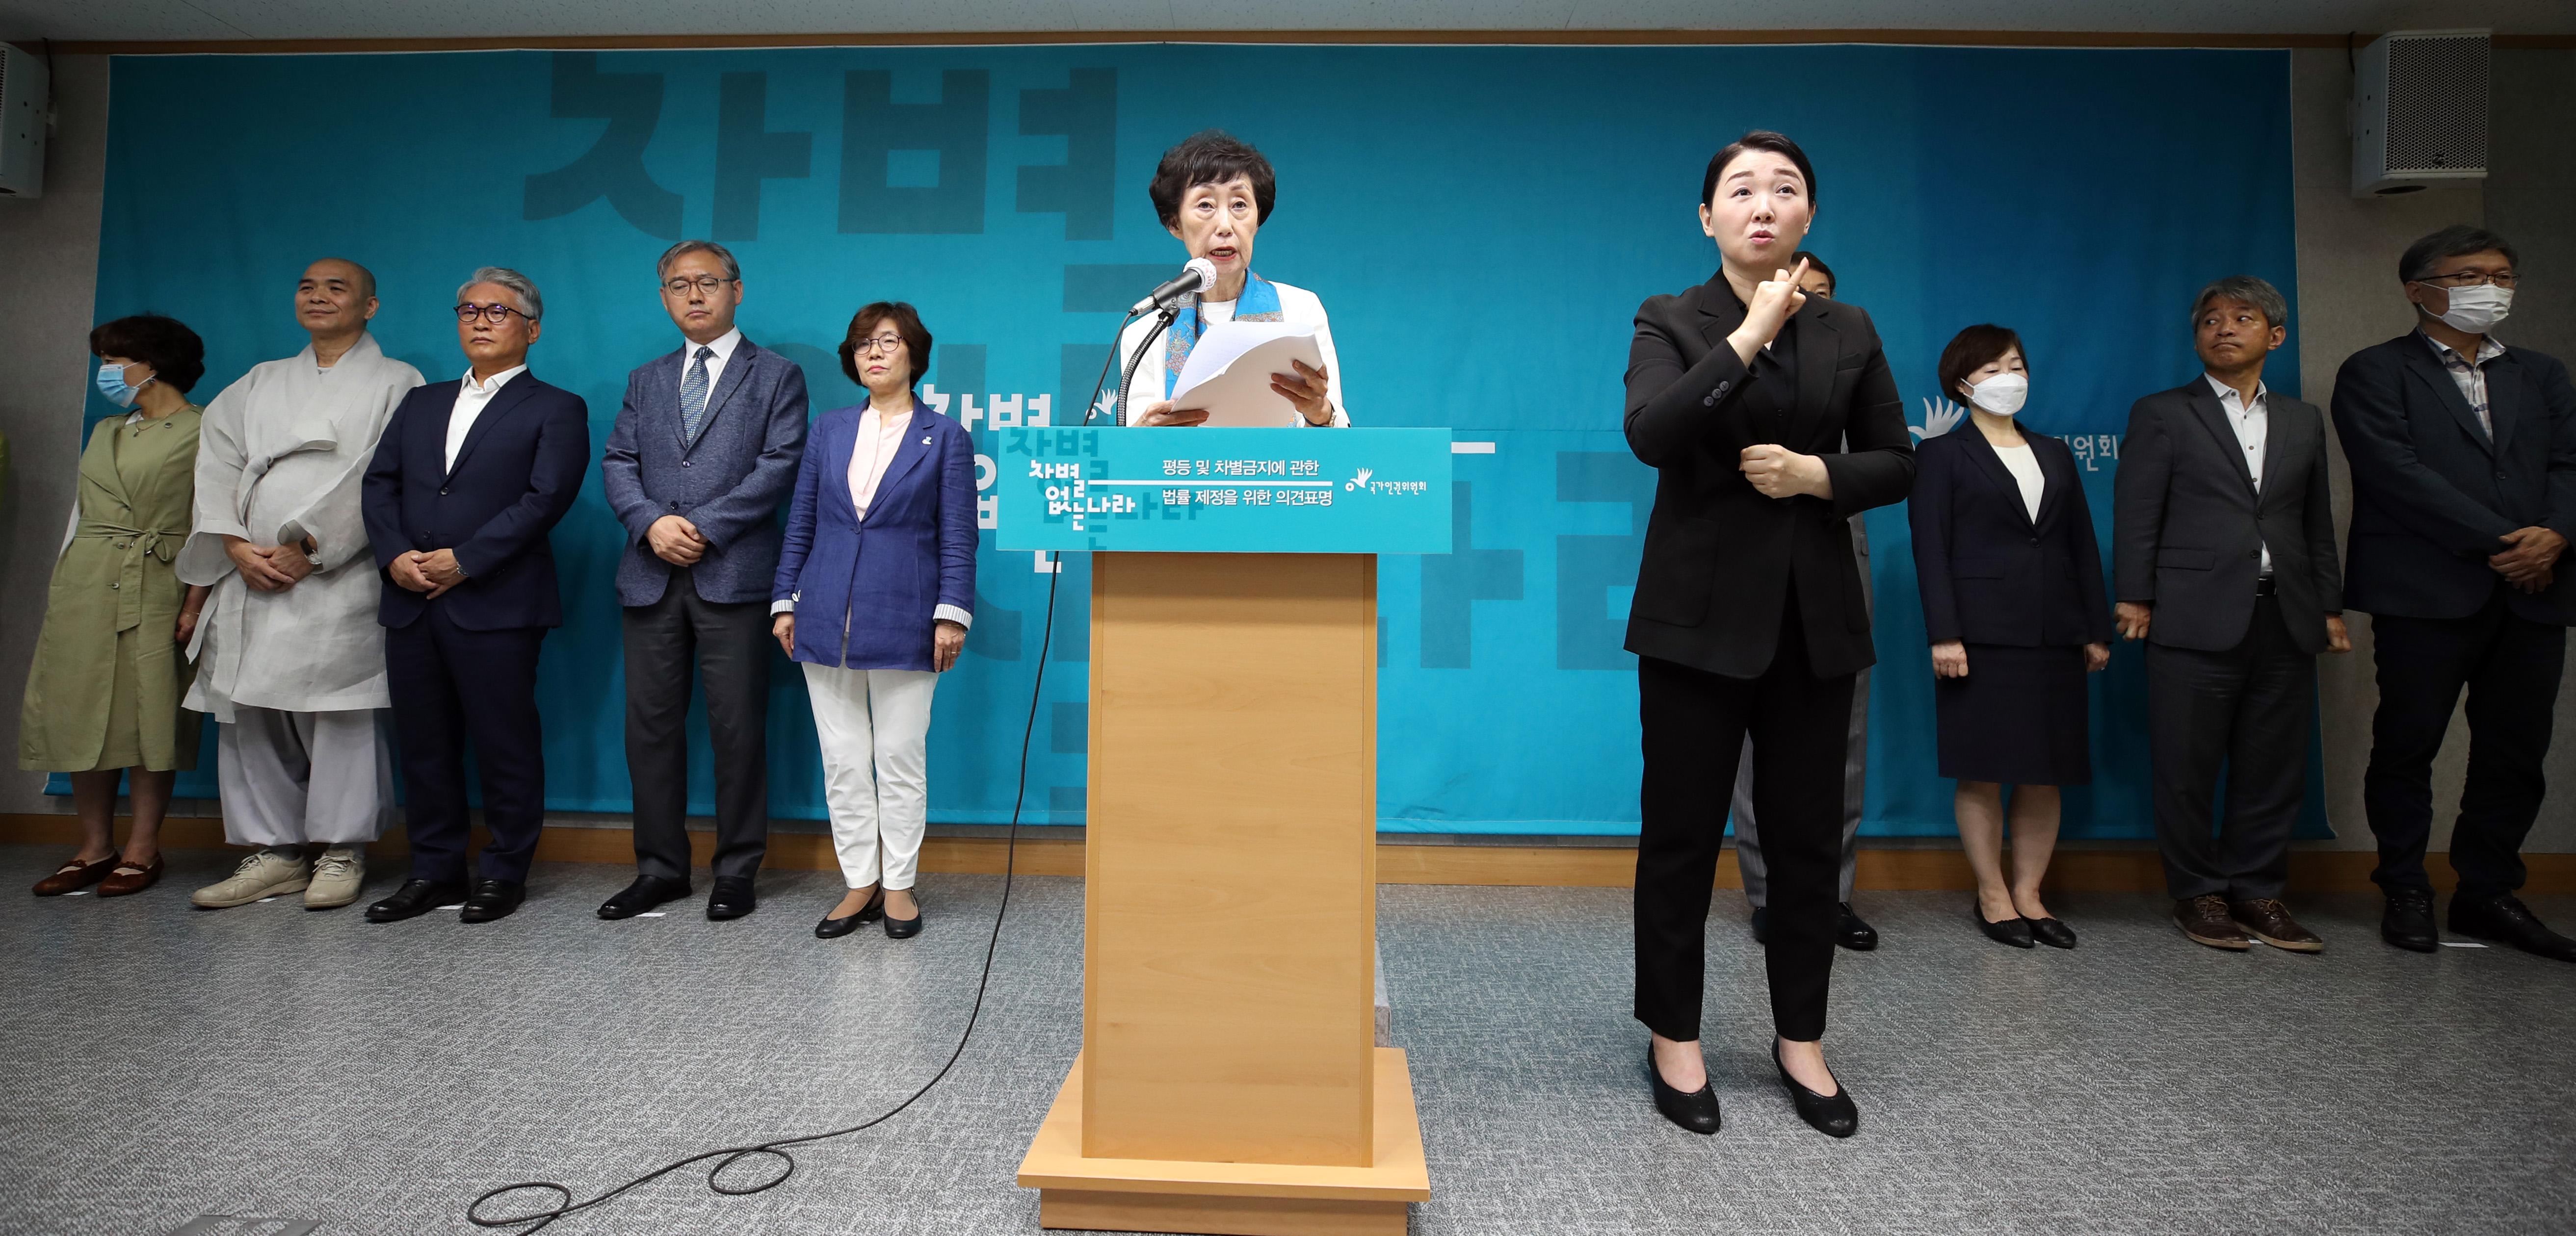 '평등 및 차별금지에 관한 법률' 제정을 위한 의견표명 관련 기자회견